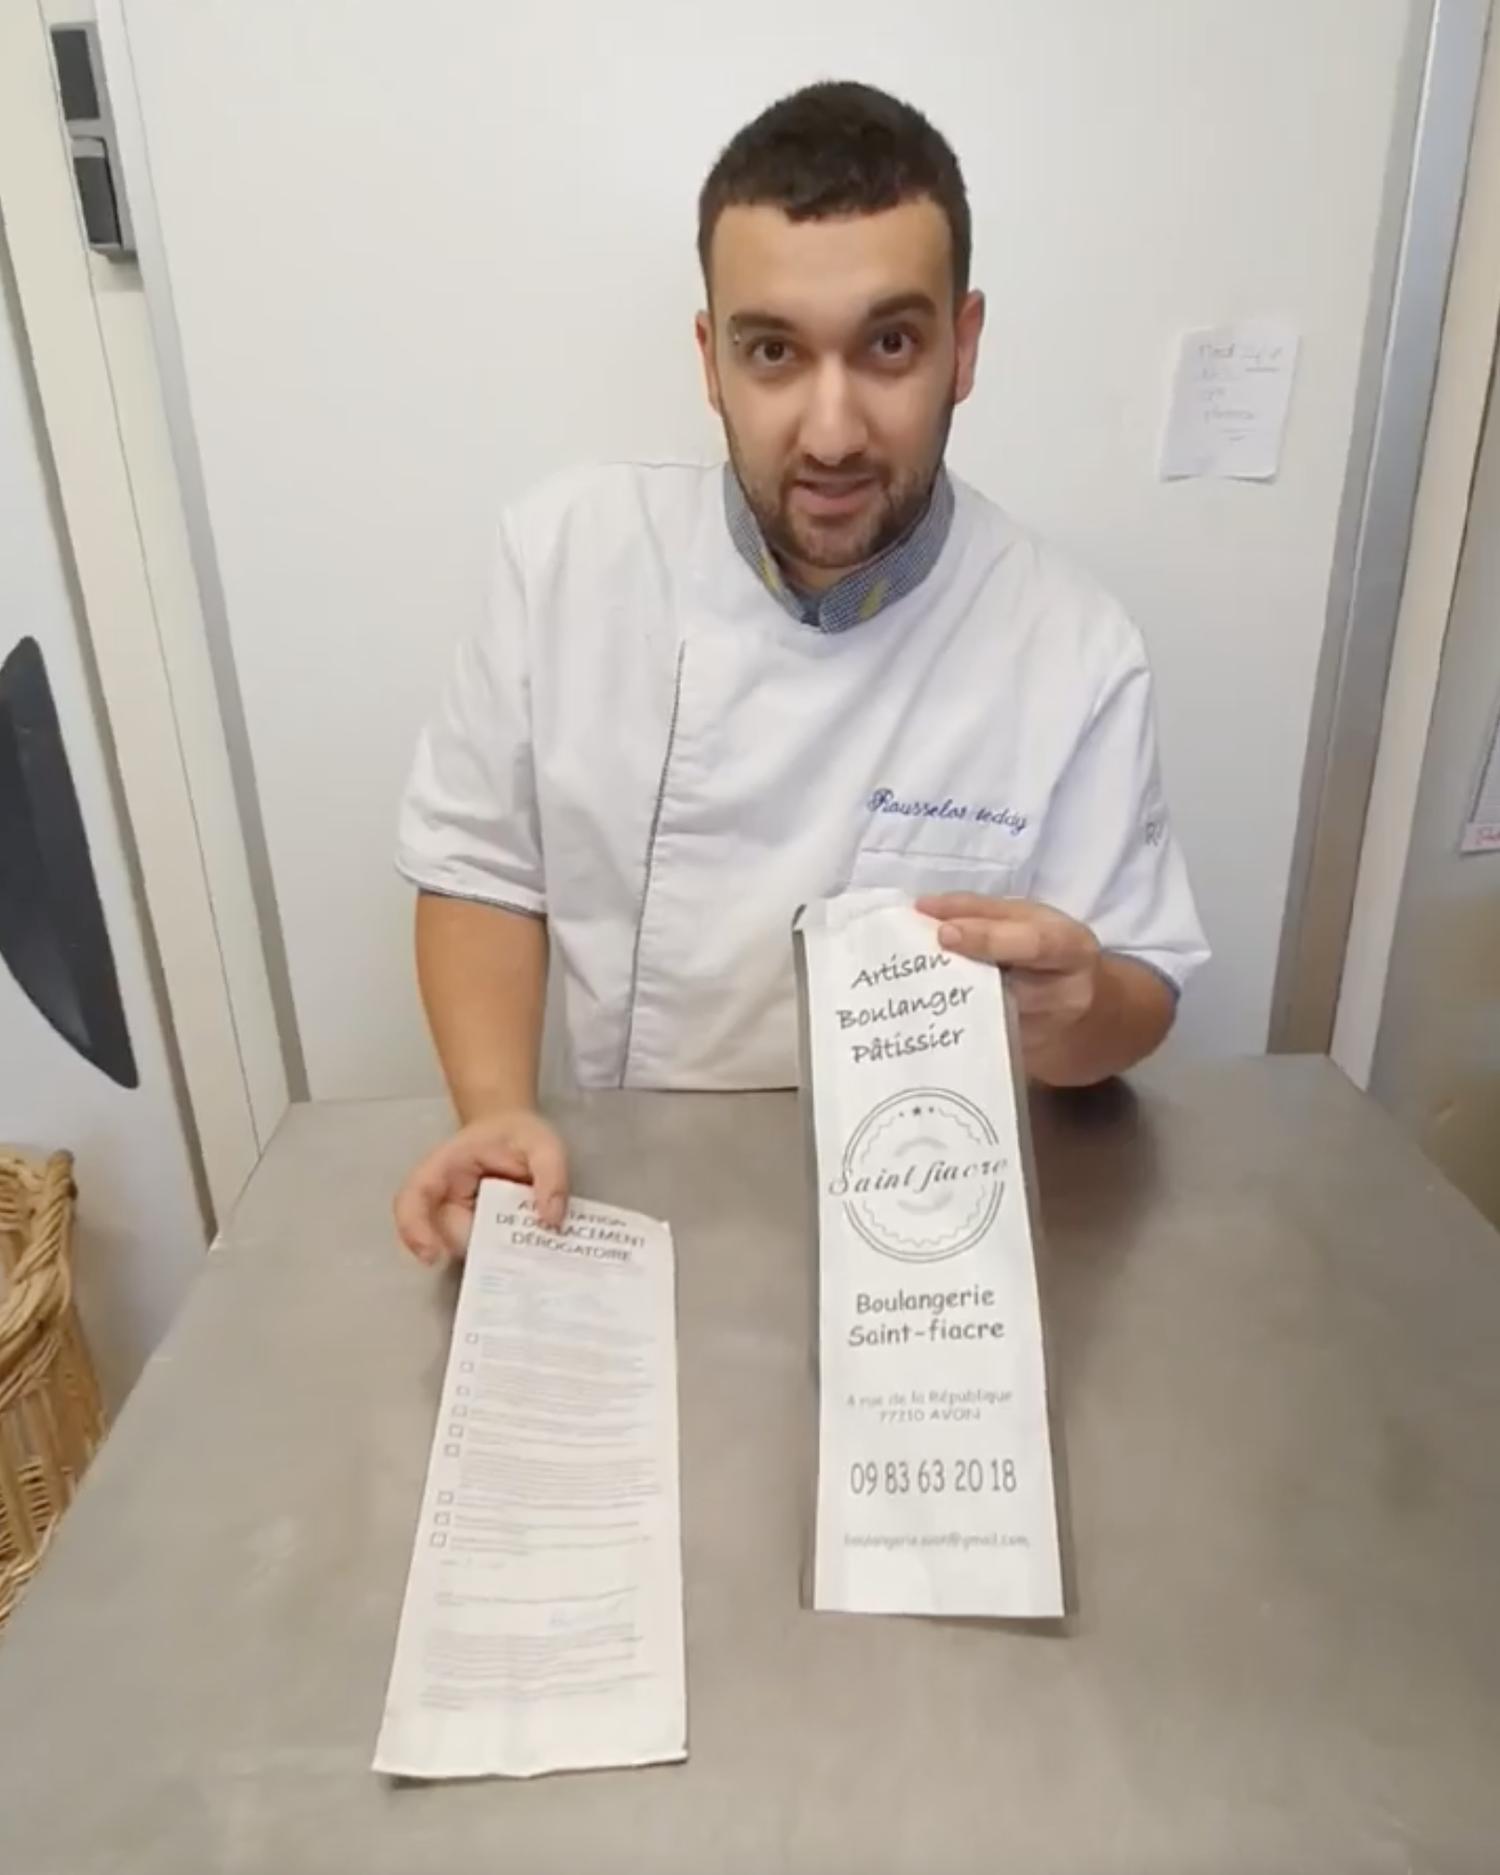 Ce boulanger imprime l'attestation de déplacement sur ses sacs à baguette